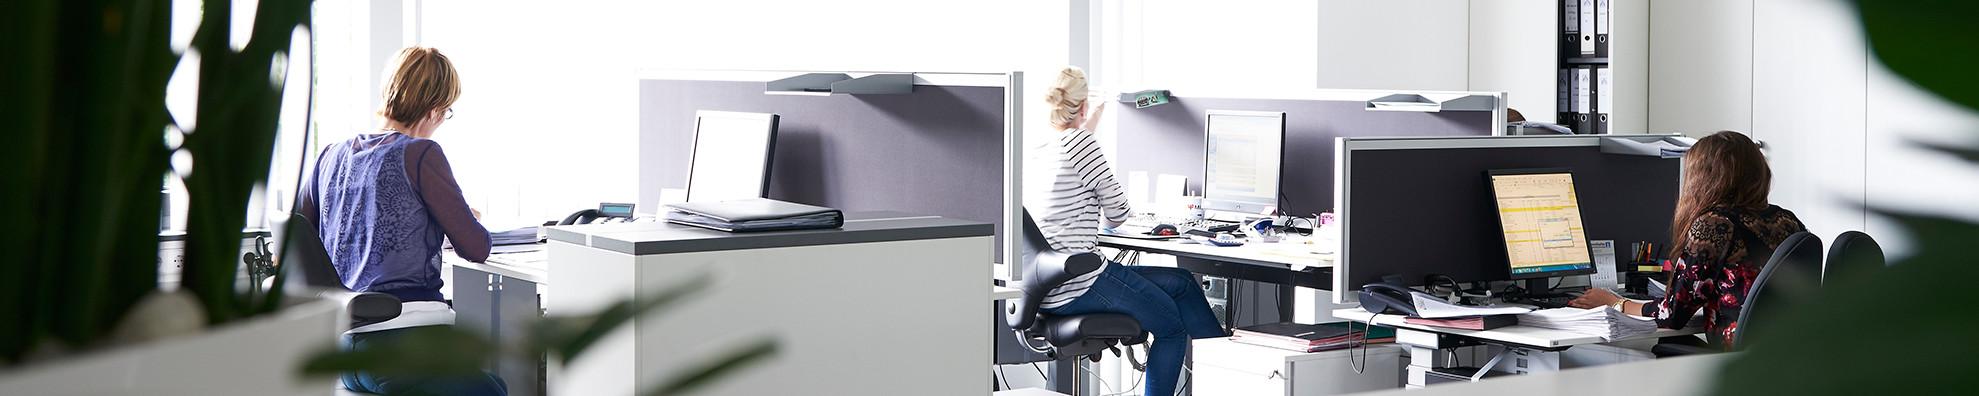 regionaler jobverbund netzwerk jobs personal ausbildung praktikum stellenb rse. Black Bedroom Furniture Sets. Home Design Ideas